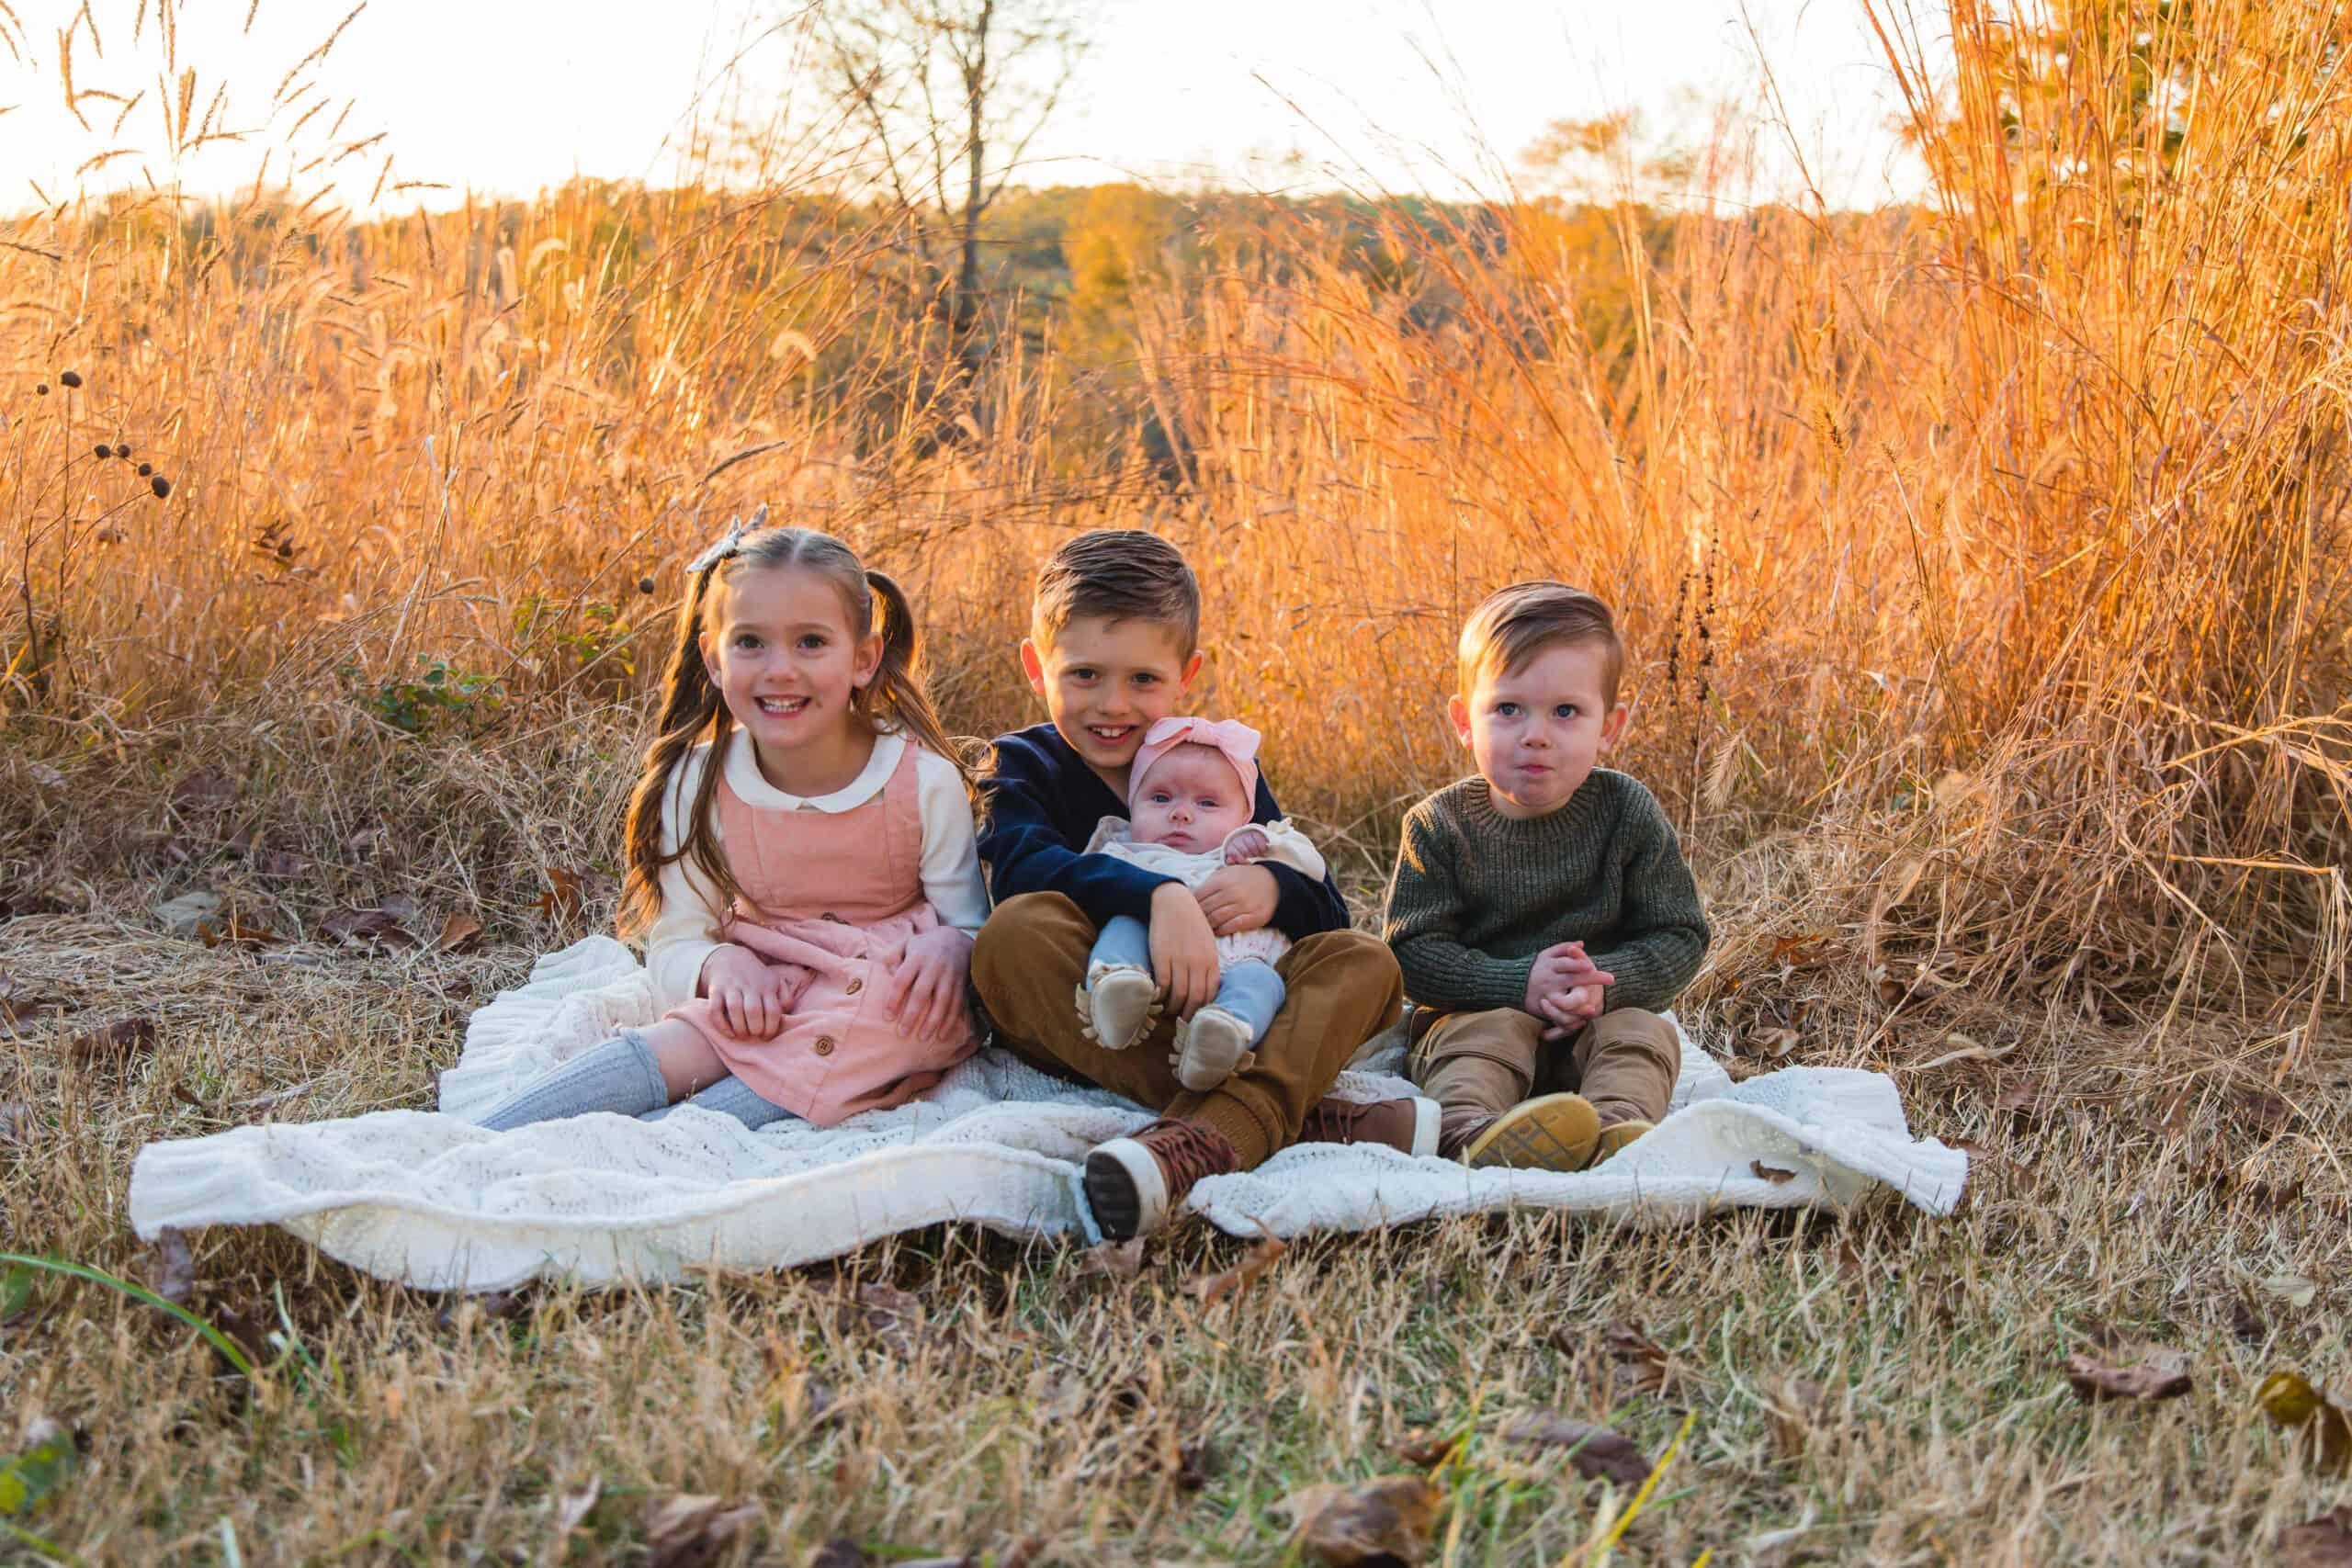 4 siblings